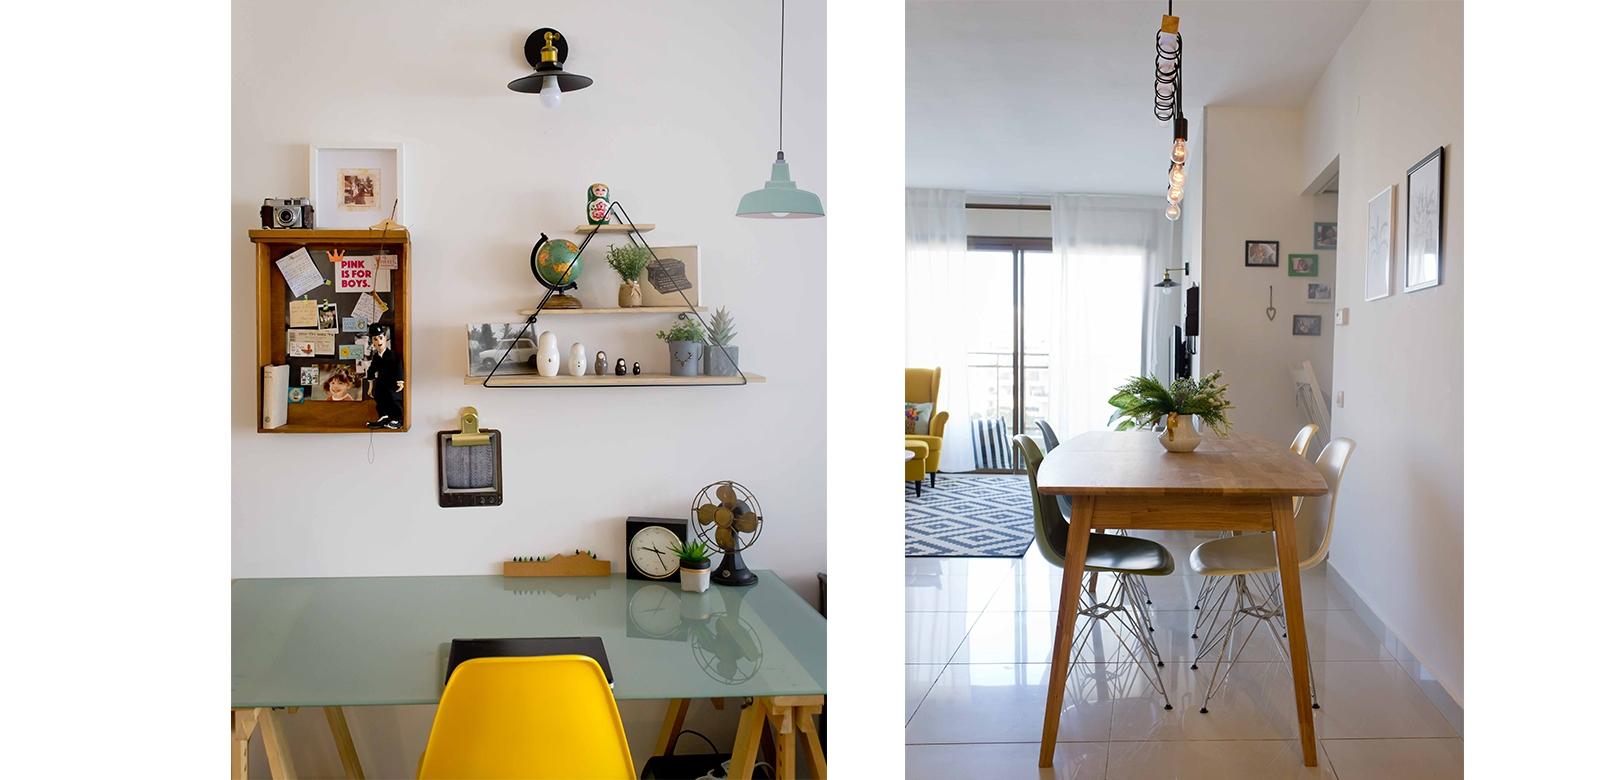 דירה שכורה בצפון תל אביב - תמונה מספר 1